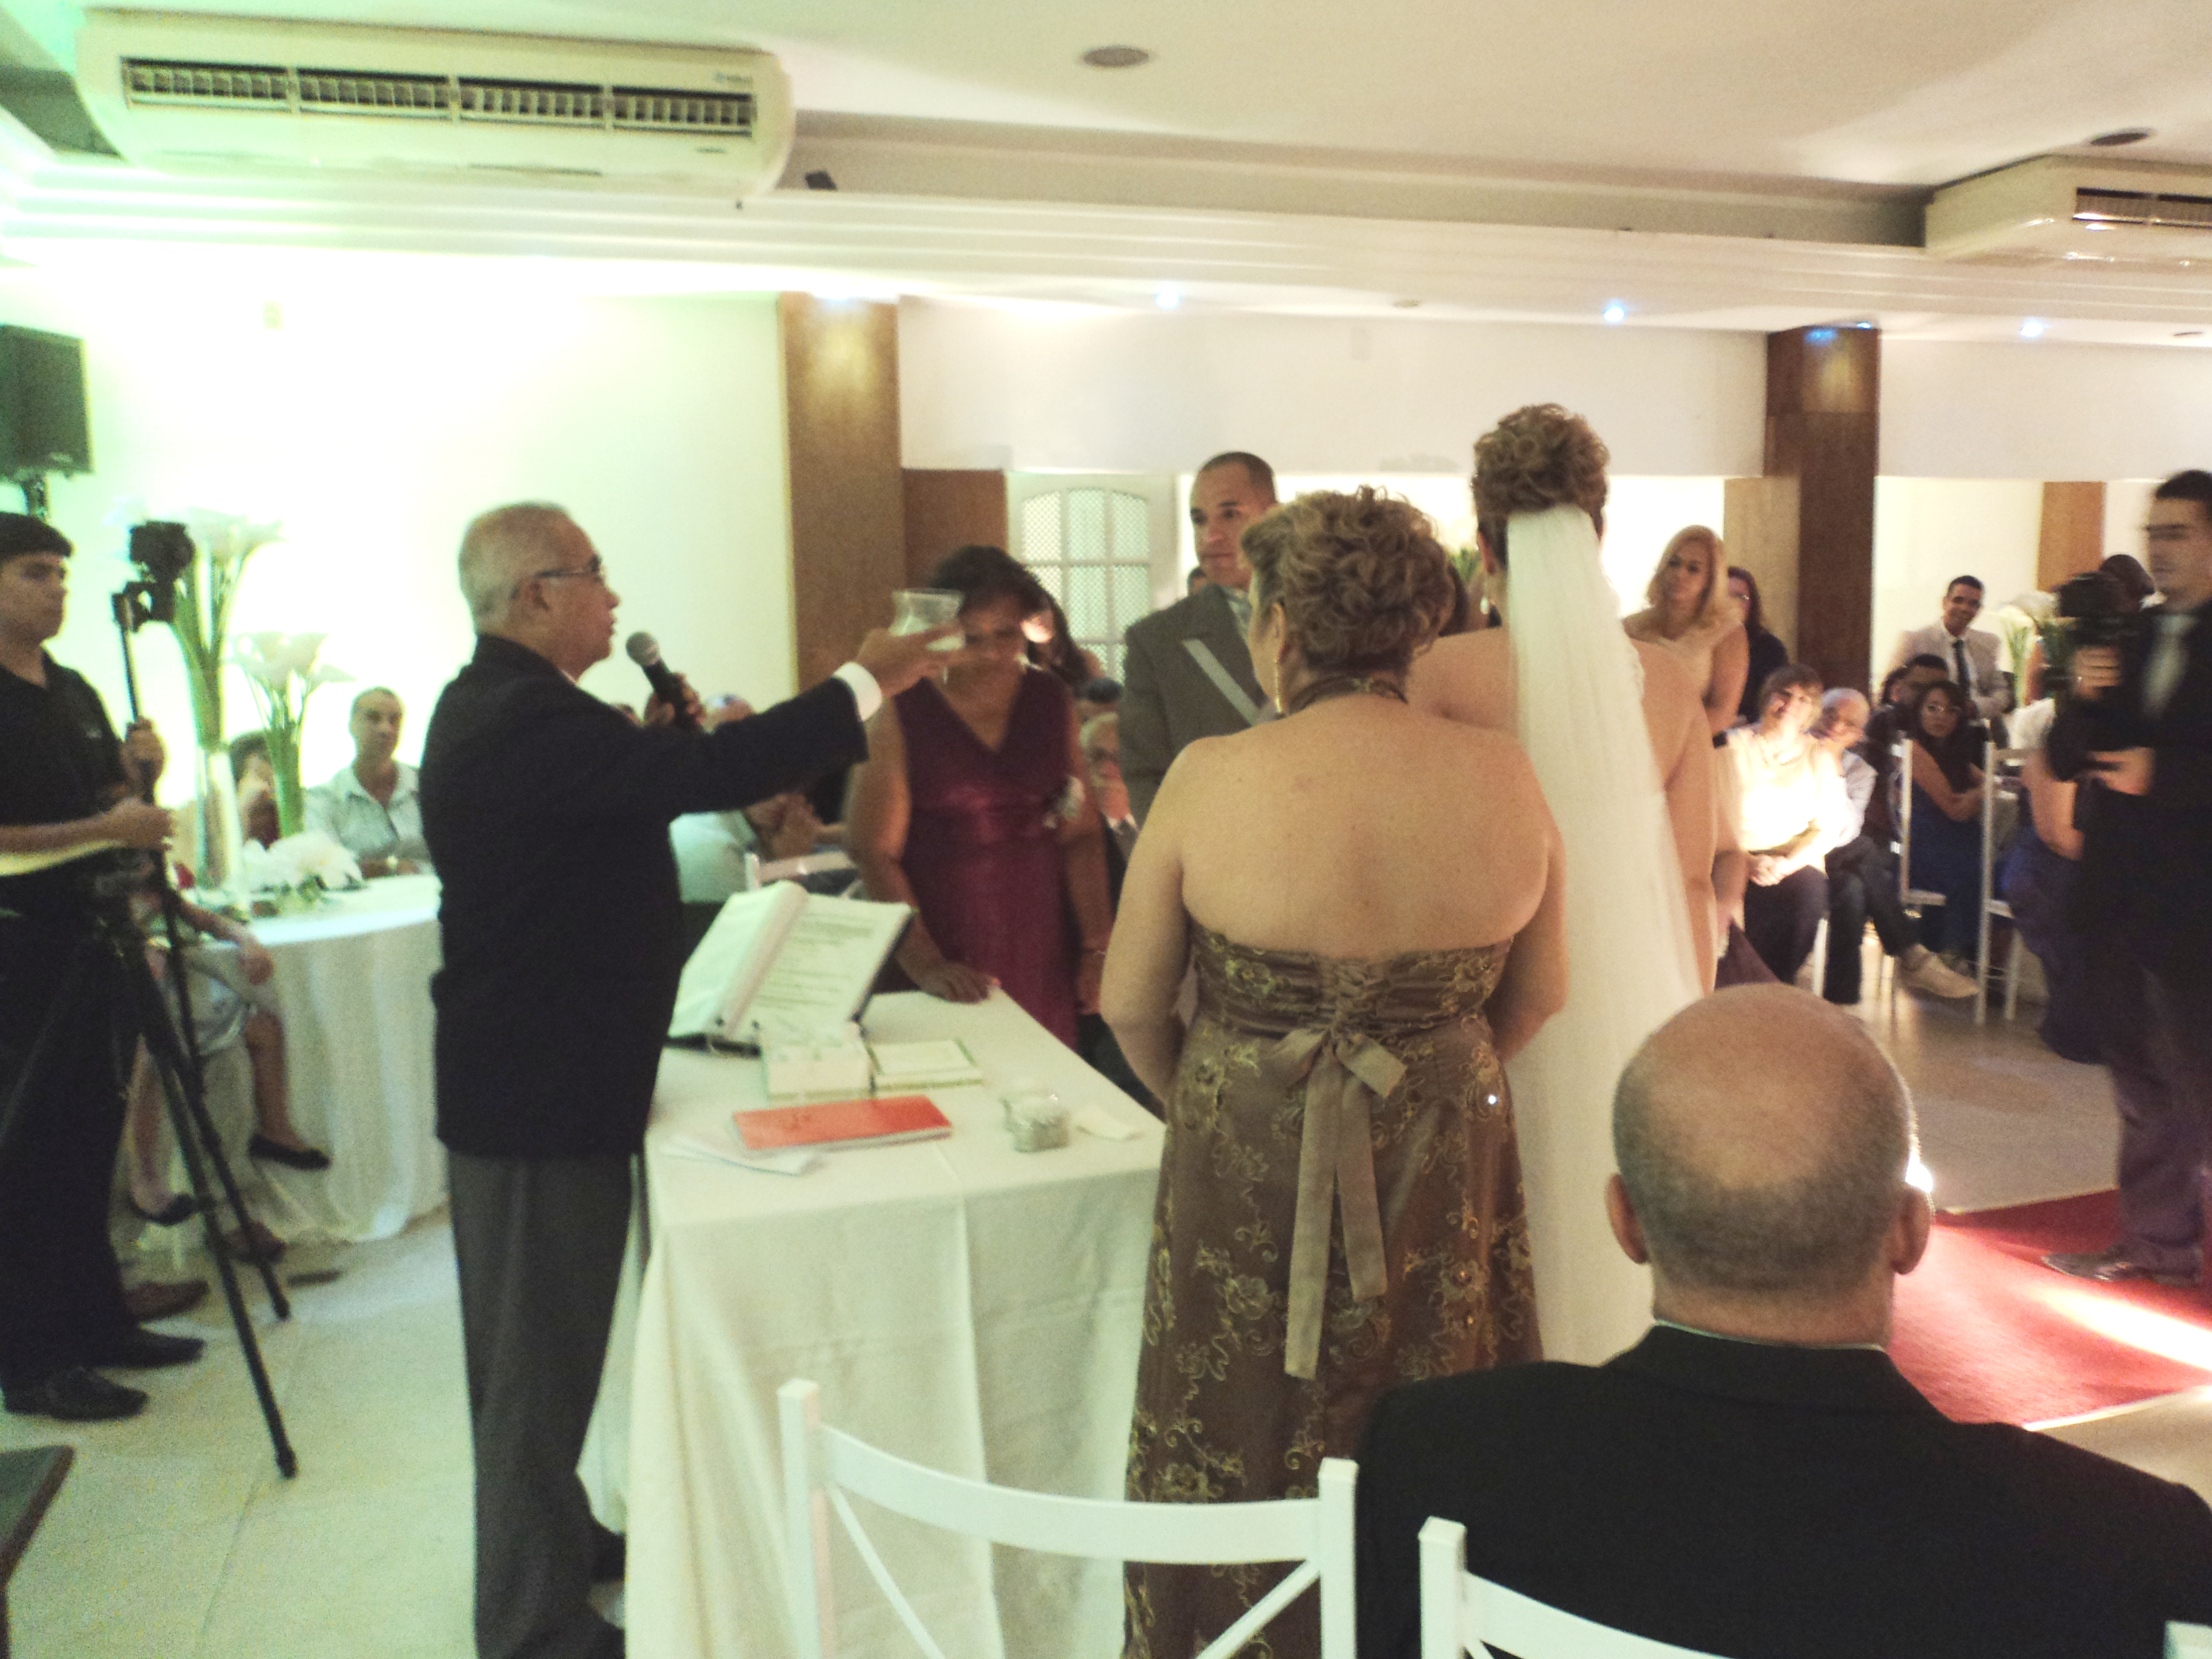 Foto do momento da cerimônia de casamento no ritual das areias.